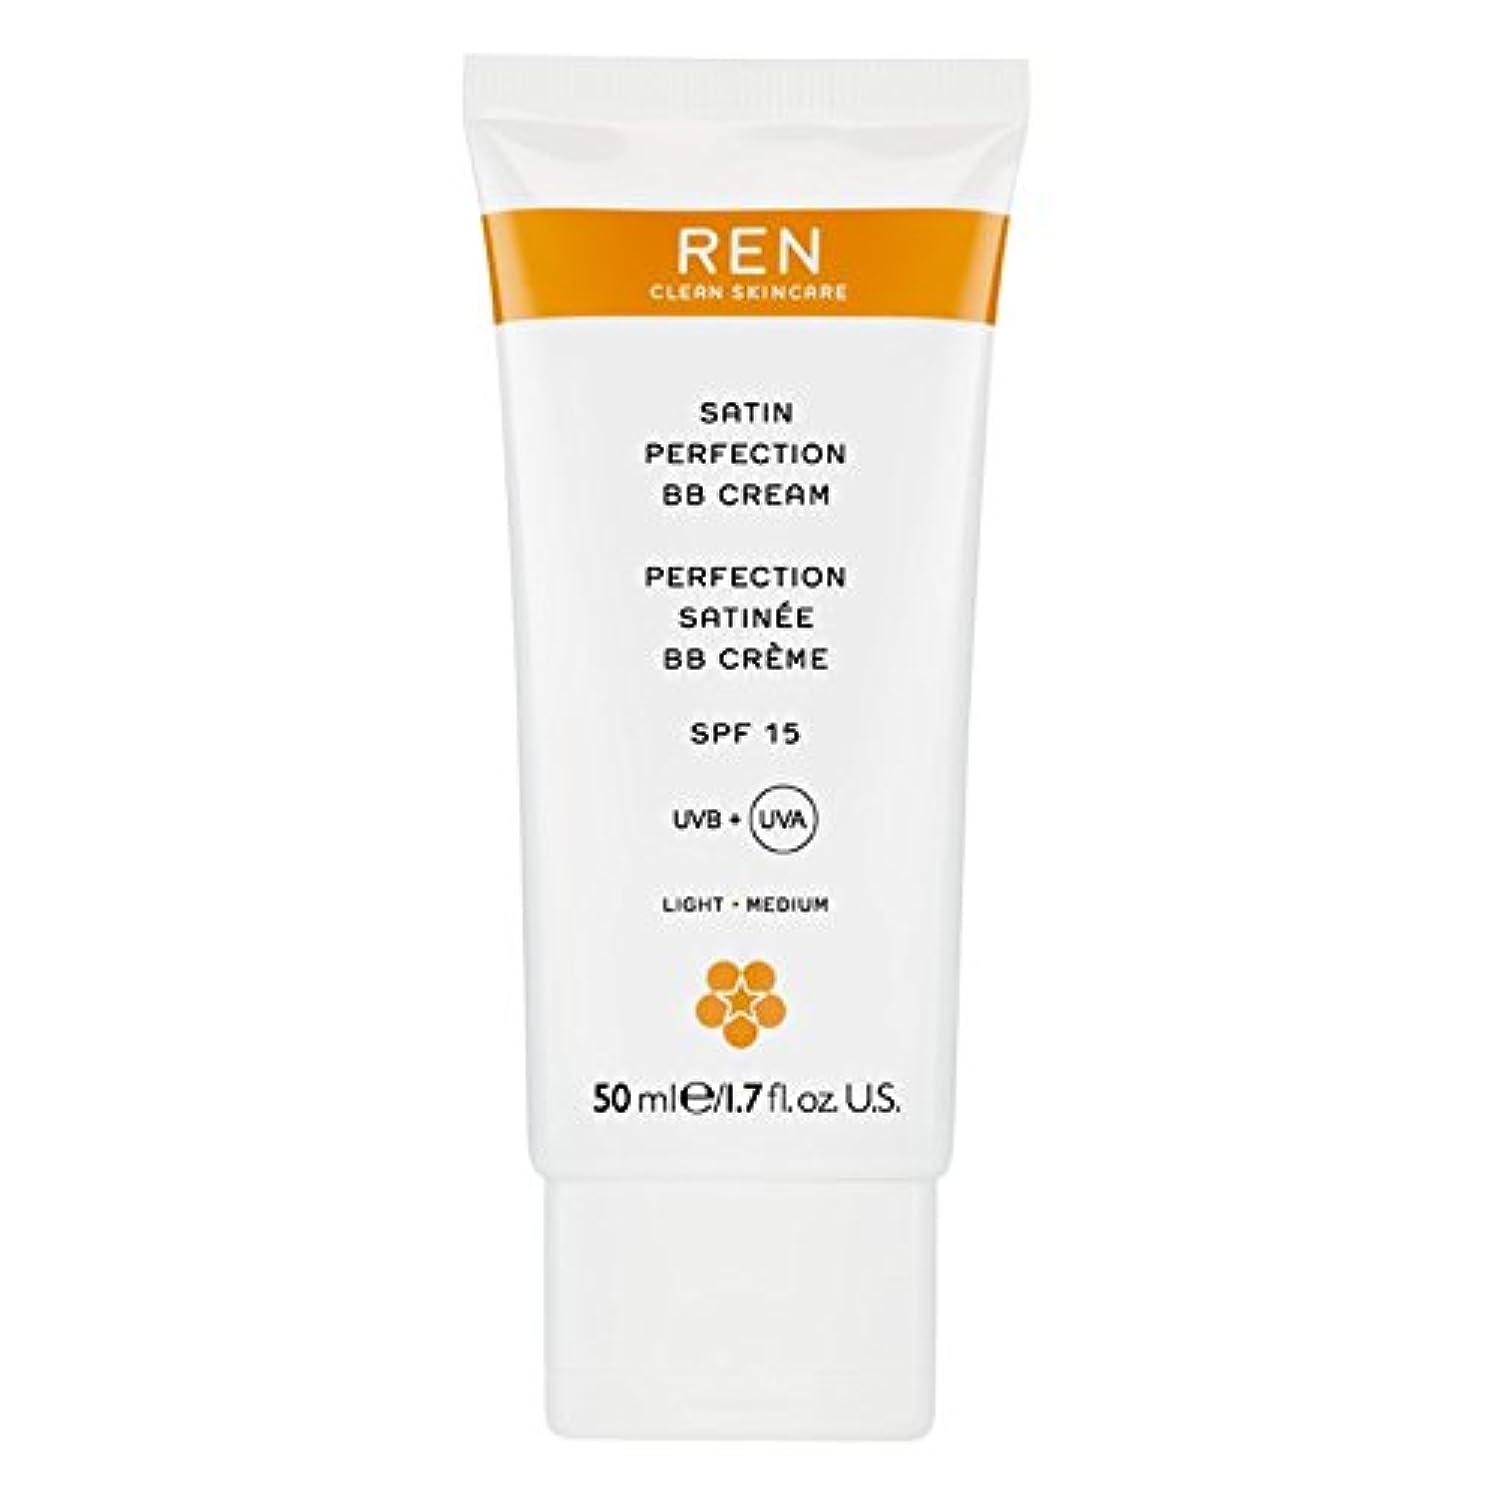 受取人プレミアム初心者Renサテン完璧Bbクリーム50ミリリットル (REN) (x6) - REN Satin Perfection BB Cream 50ml (Pack of 6) [並行輸入品]